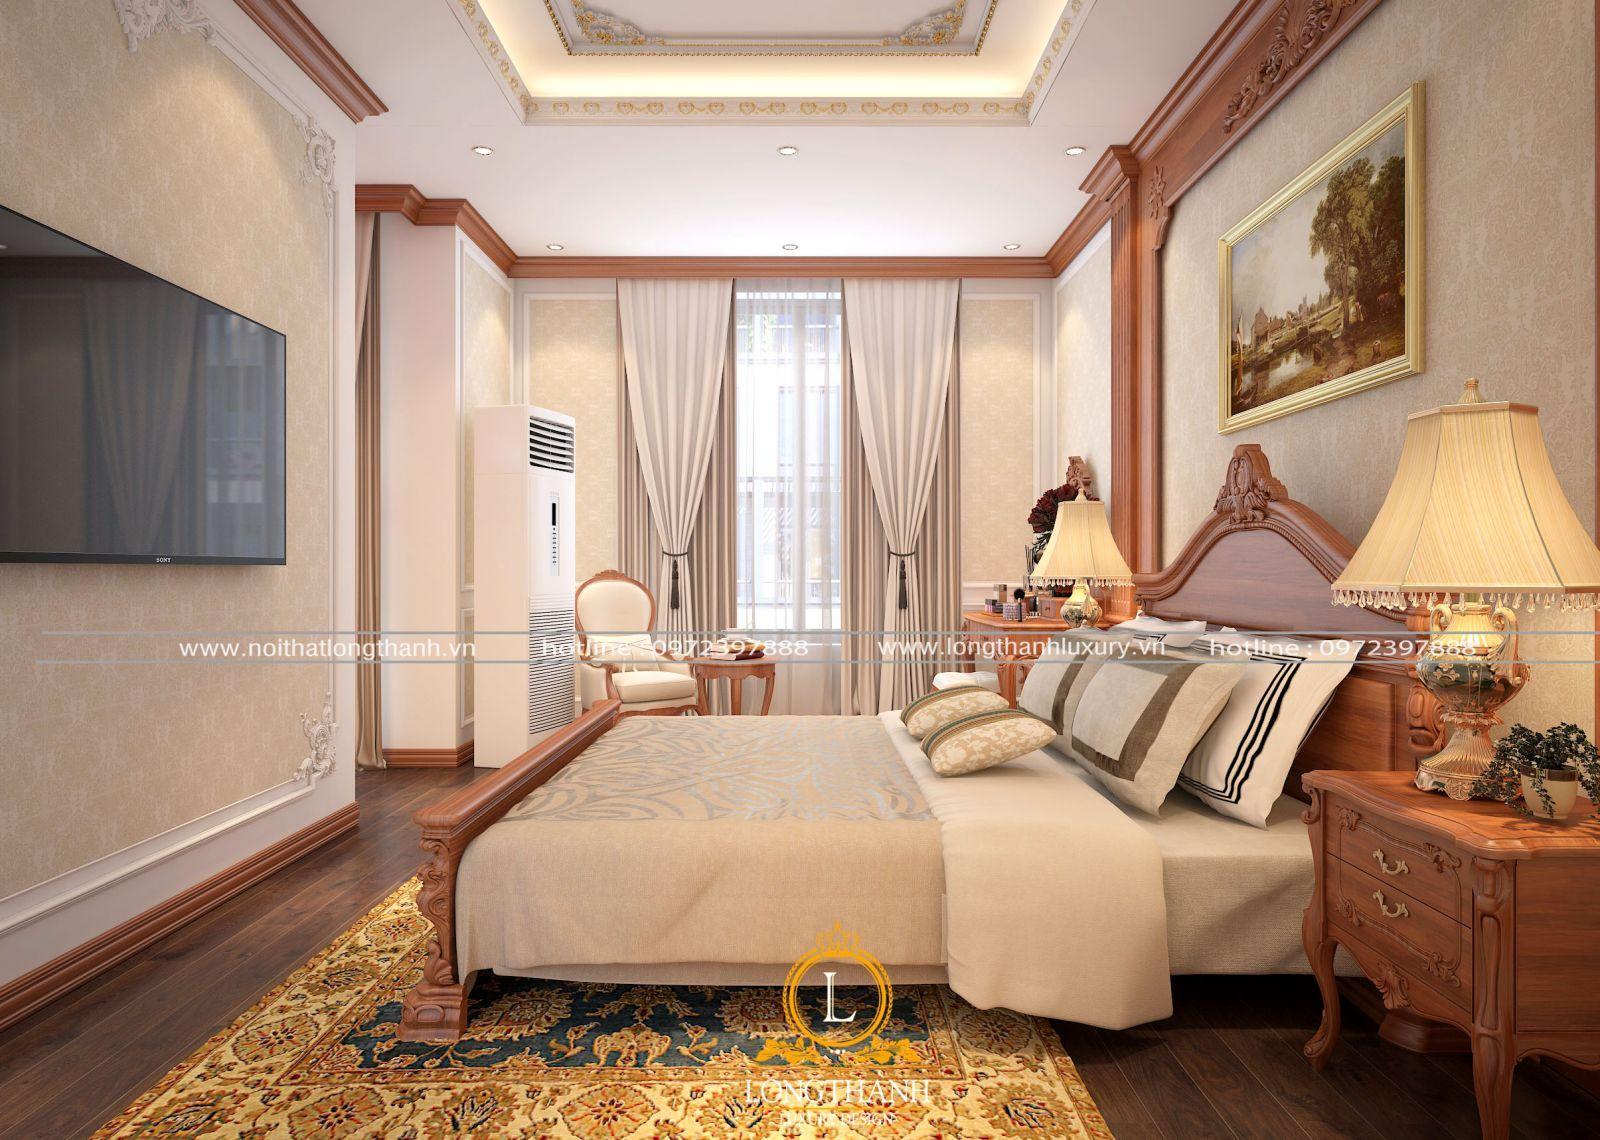 Mẫu phòng ngủ cao cấp của Long Thành